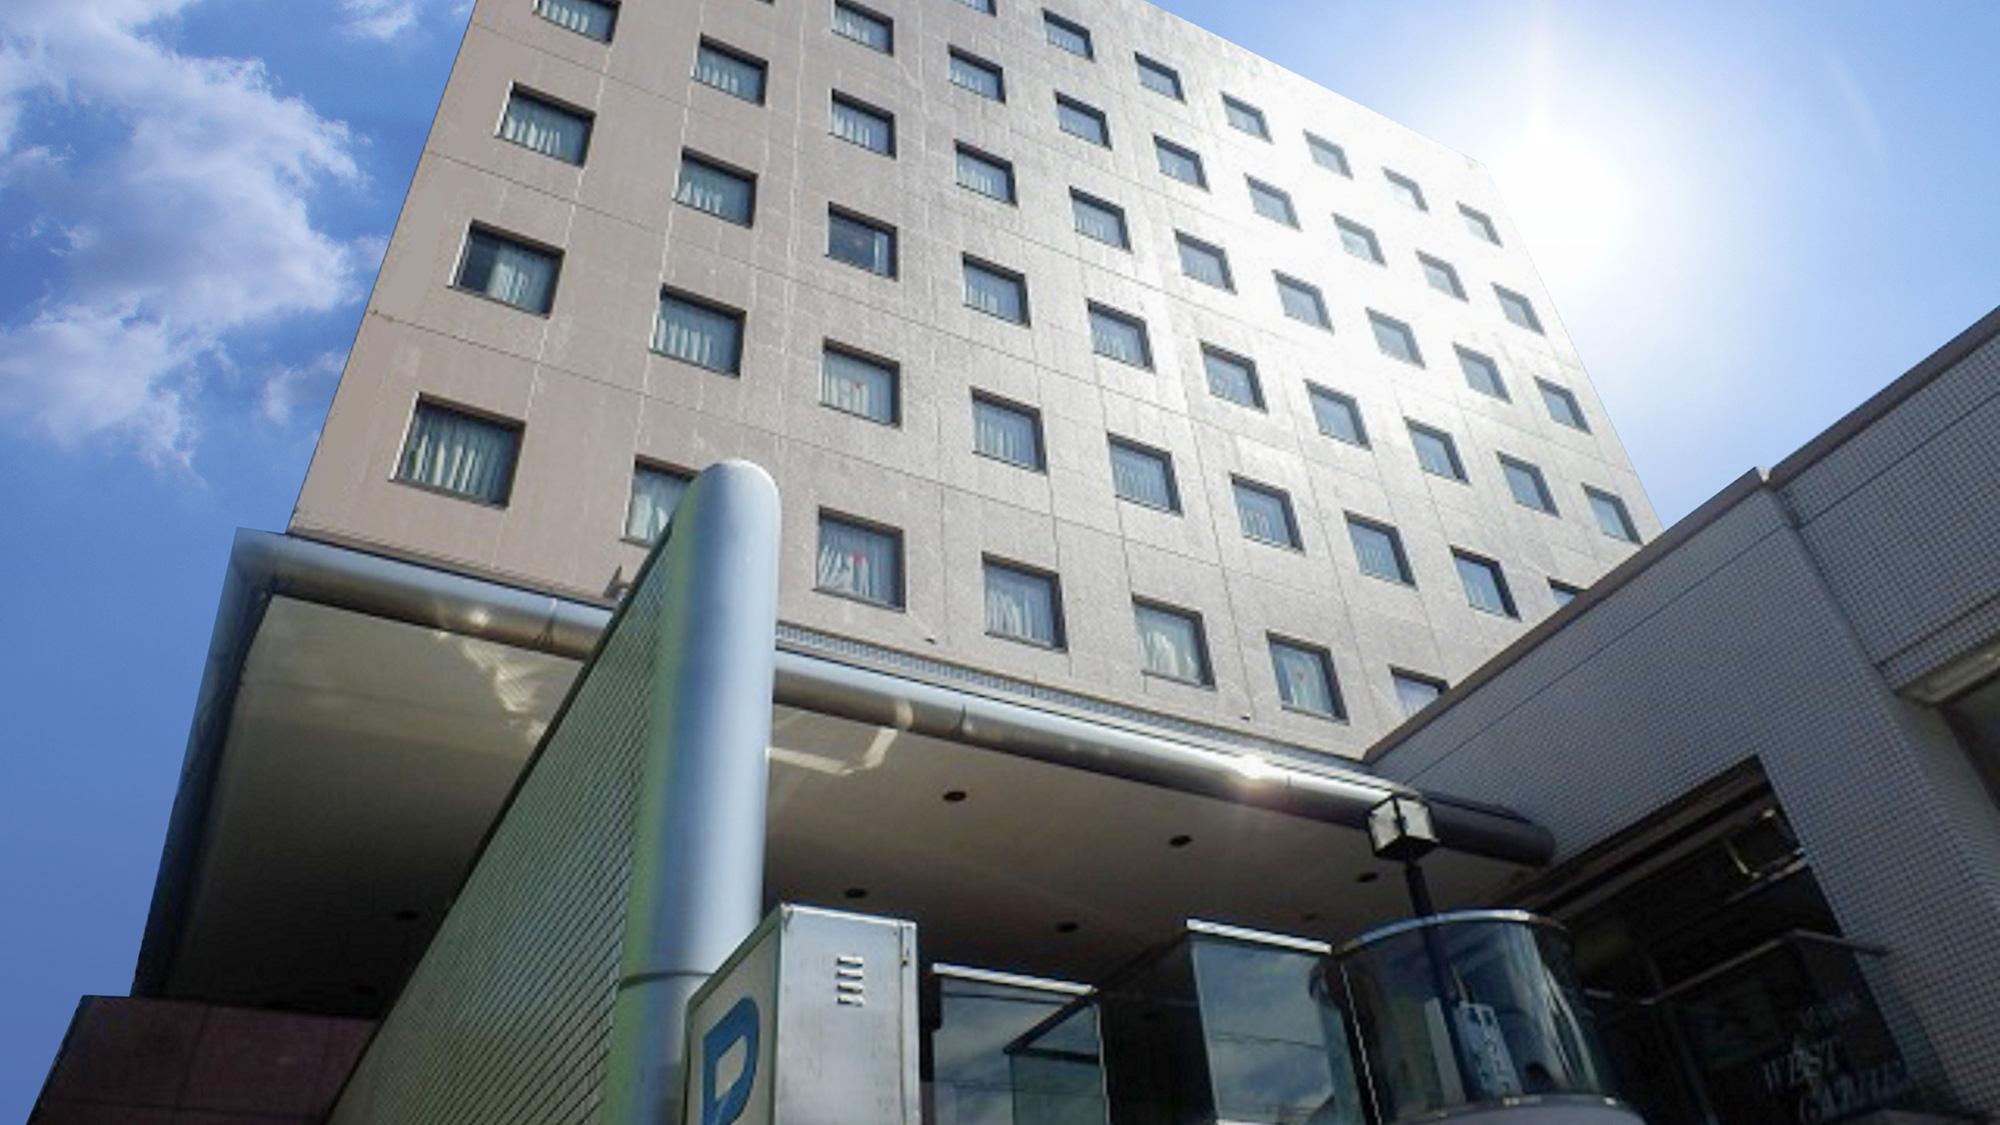 5faec15e51d2 富士宮シティホテルJR身延線の西富士宮駅前、ビジネスにも観光にも至便の当館で、ゆとりと寛ぎのステイをお楽しみ下さい。